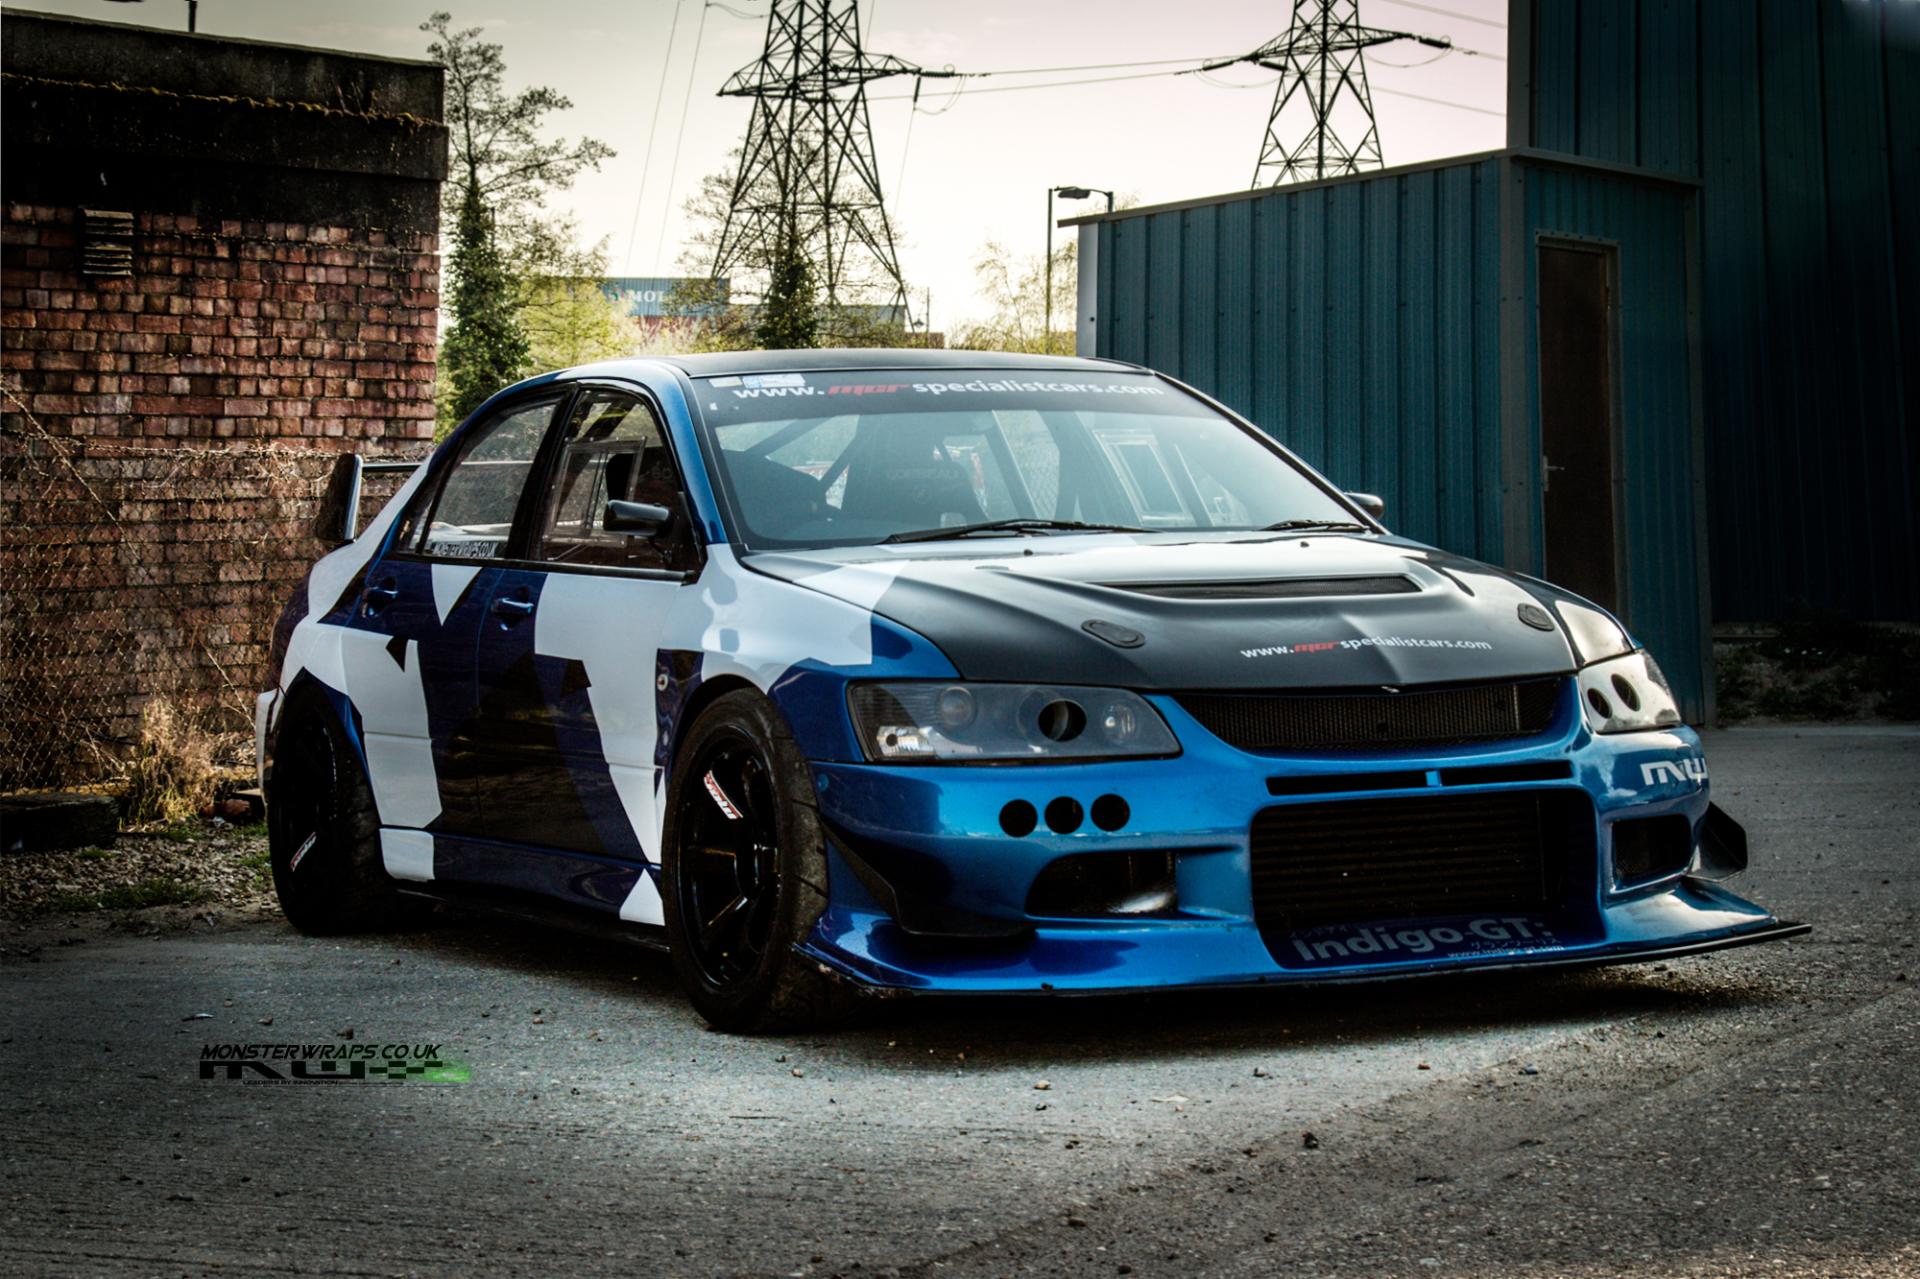 MCR Cars Evo 9 Blue Camo wrap